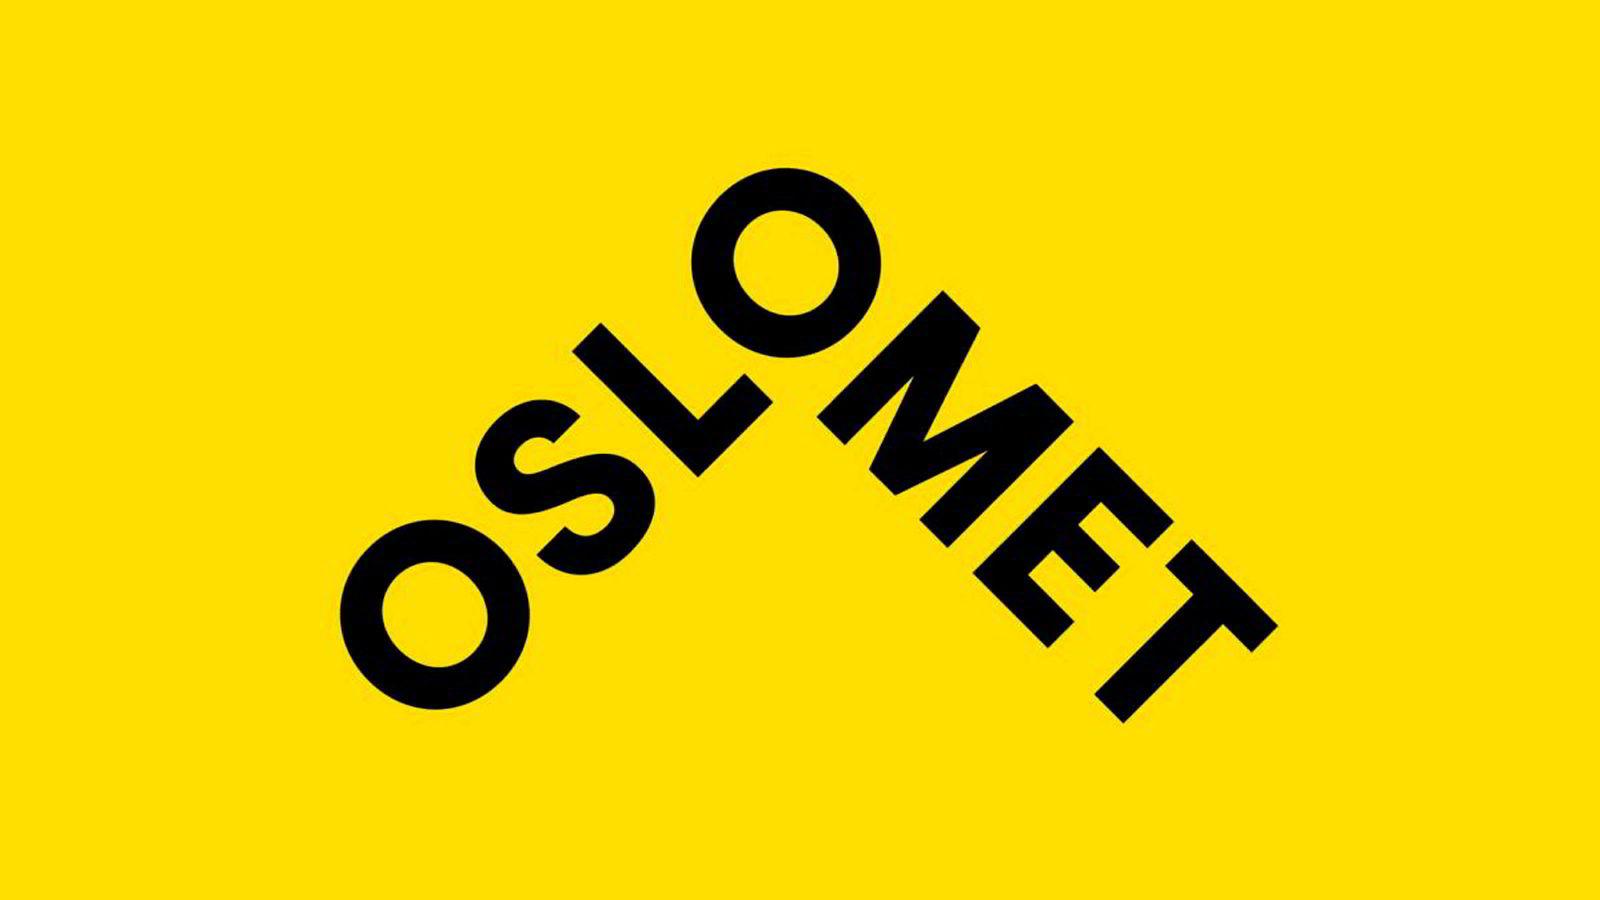 Høgskolen i Oslo og Akershus skiftet navn til Oslomet storbyuniversitet, til tross for sterke protester fra Språkrådet.